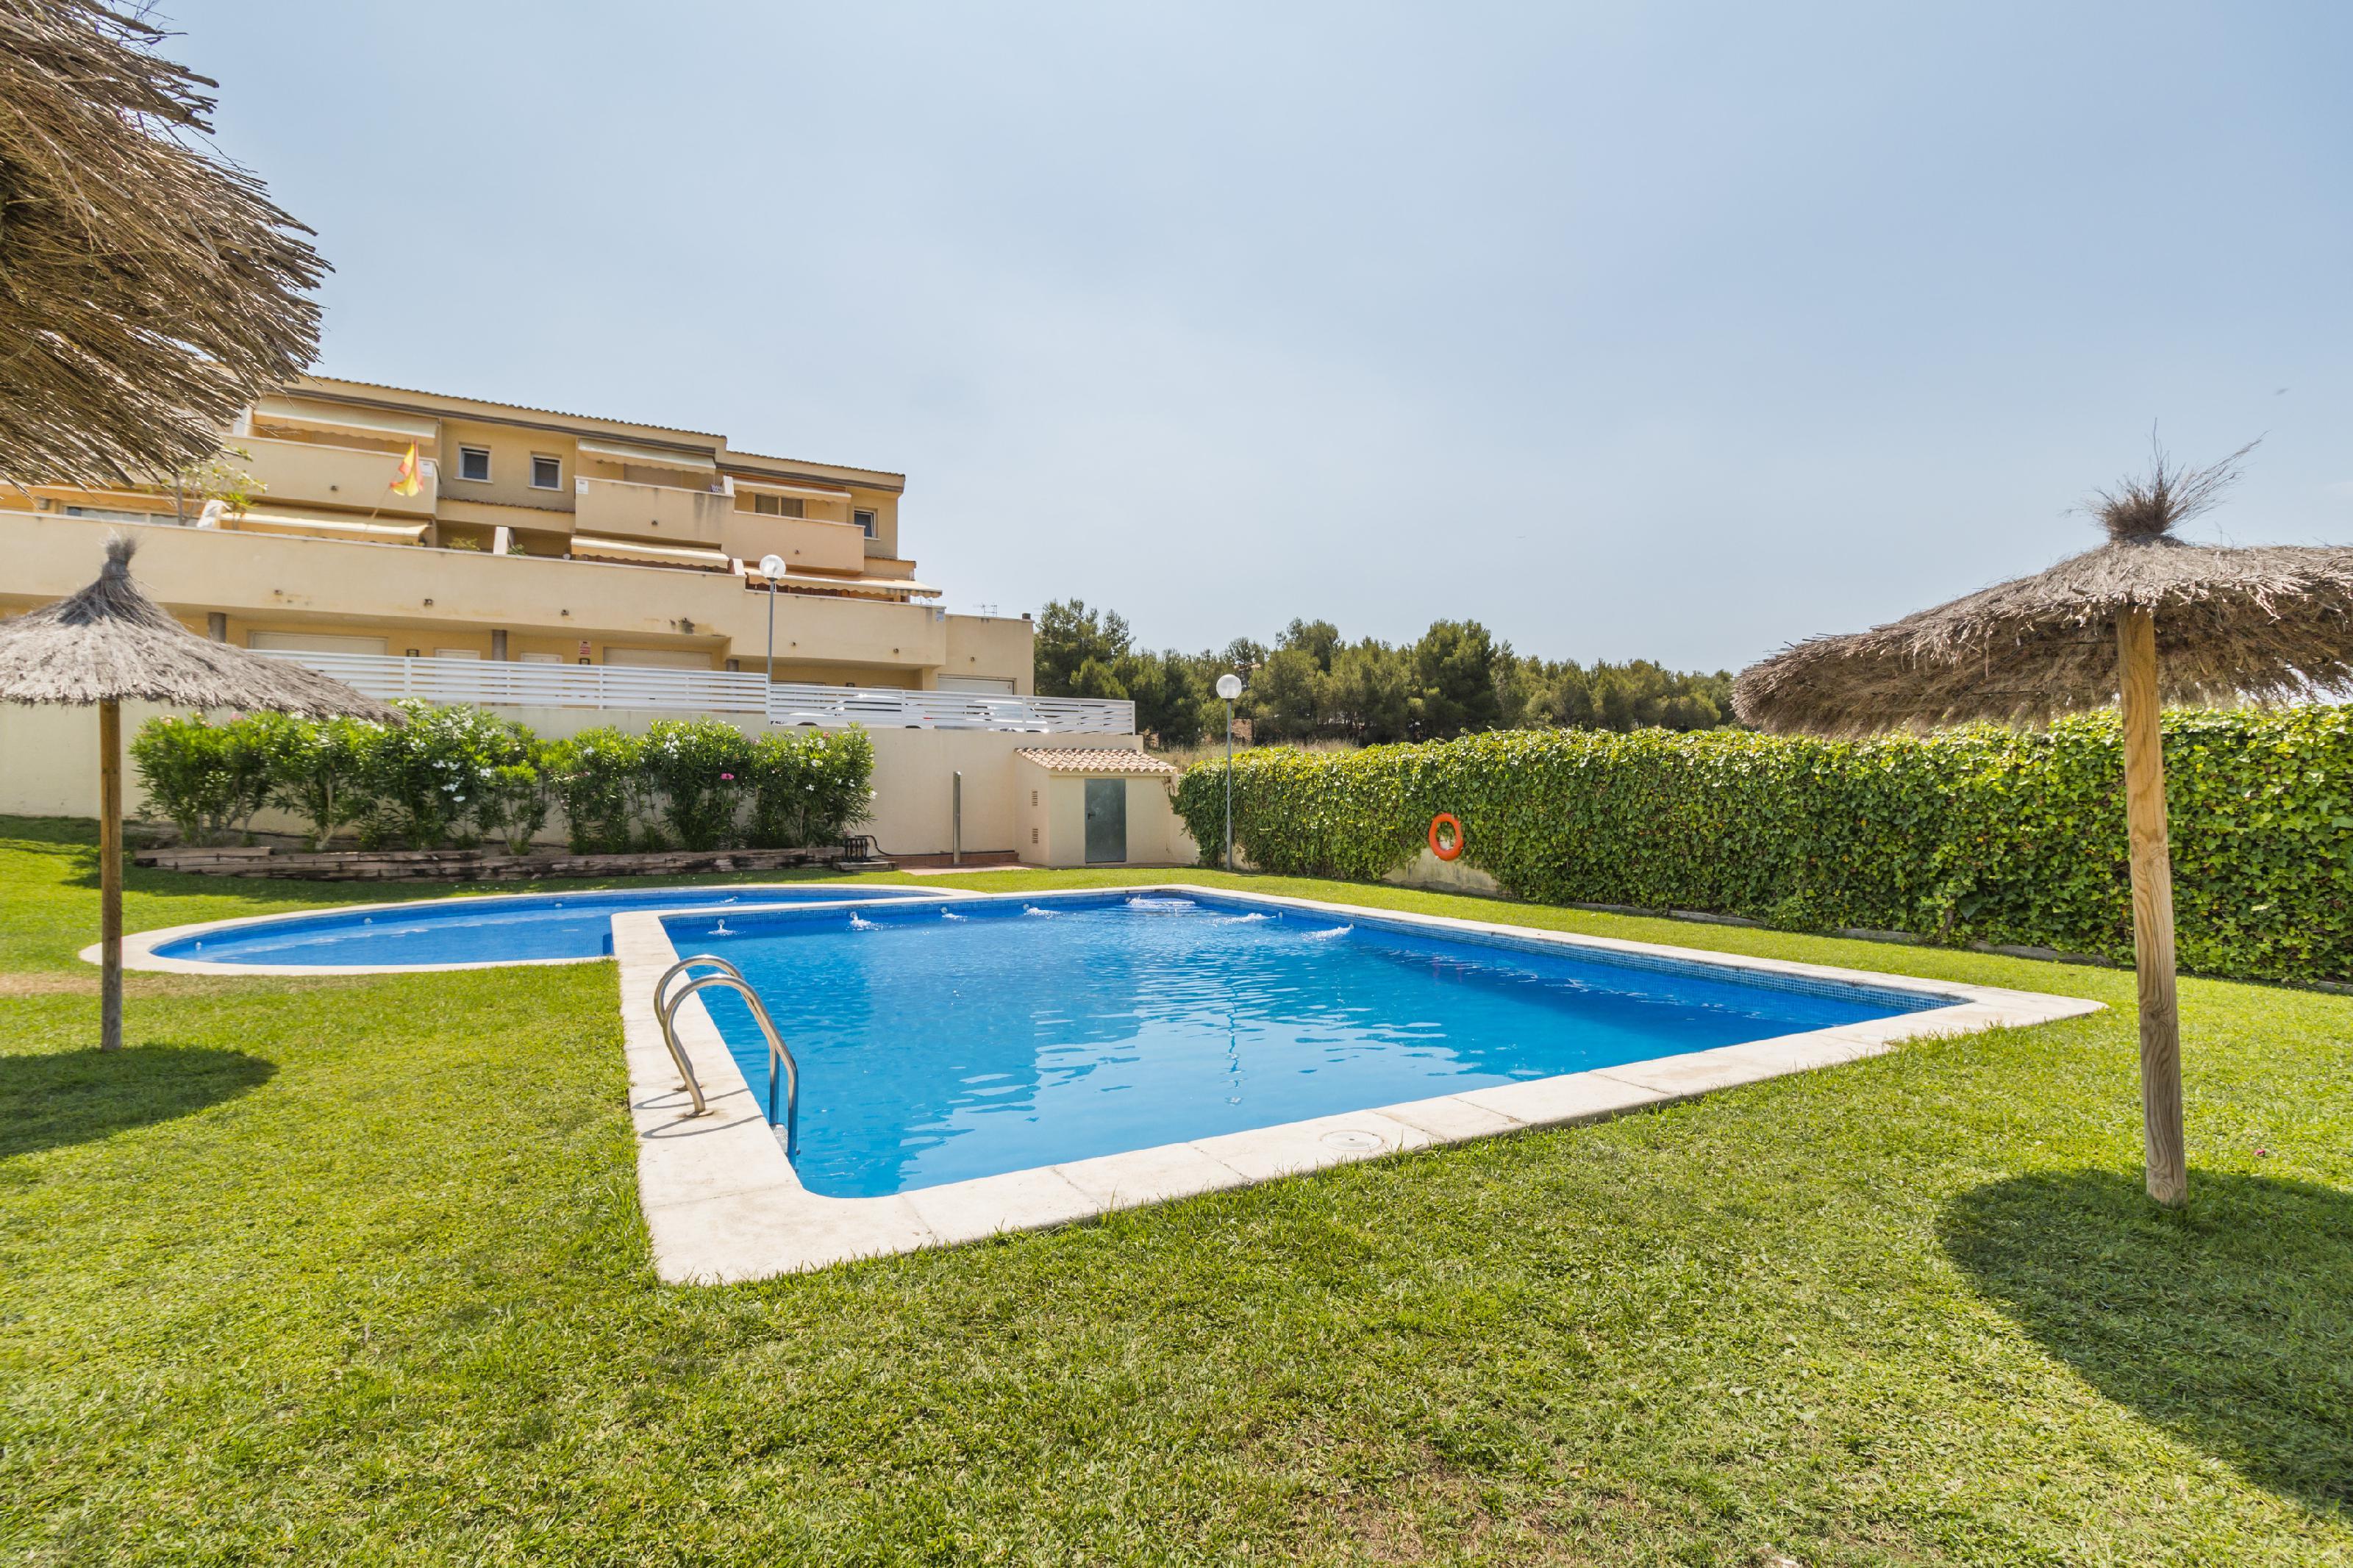 Imagen 2 Casa Adosada en venta en Cubelles / Orientada a Tarragona,  a 3 minutos del pueblo